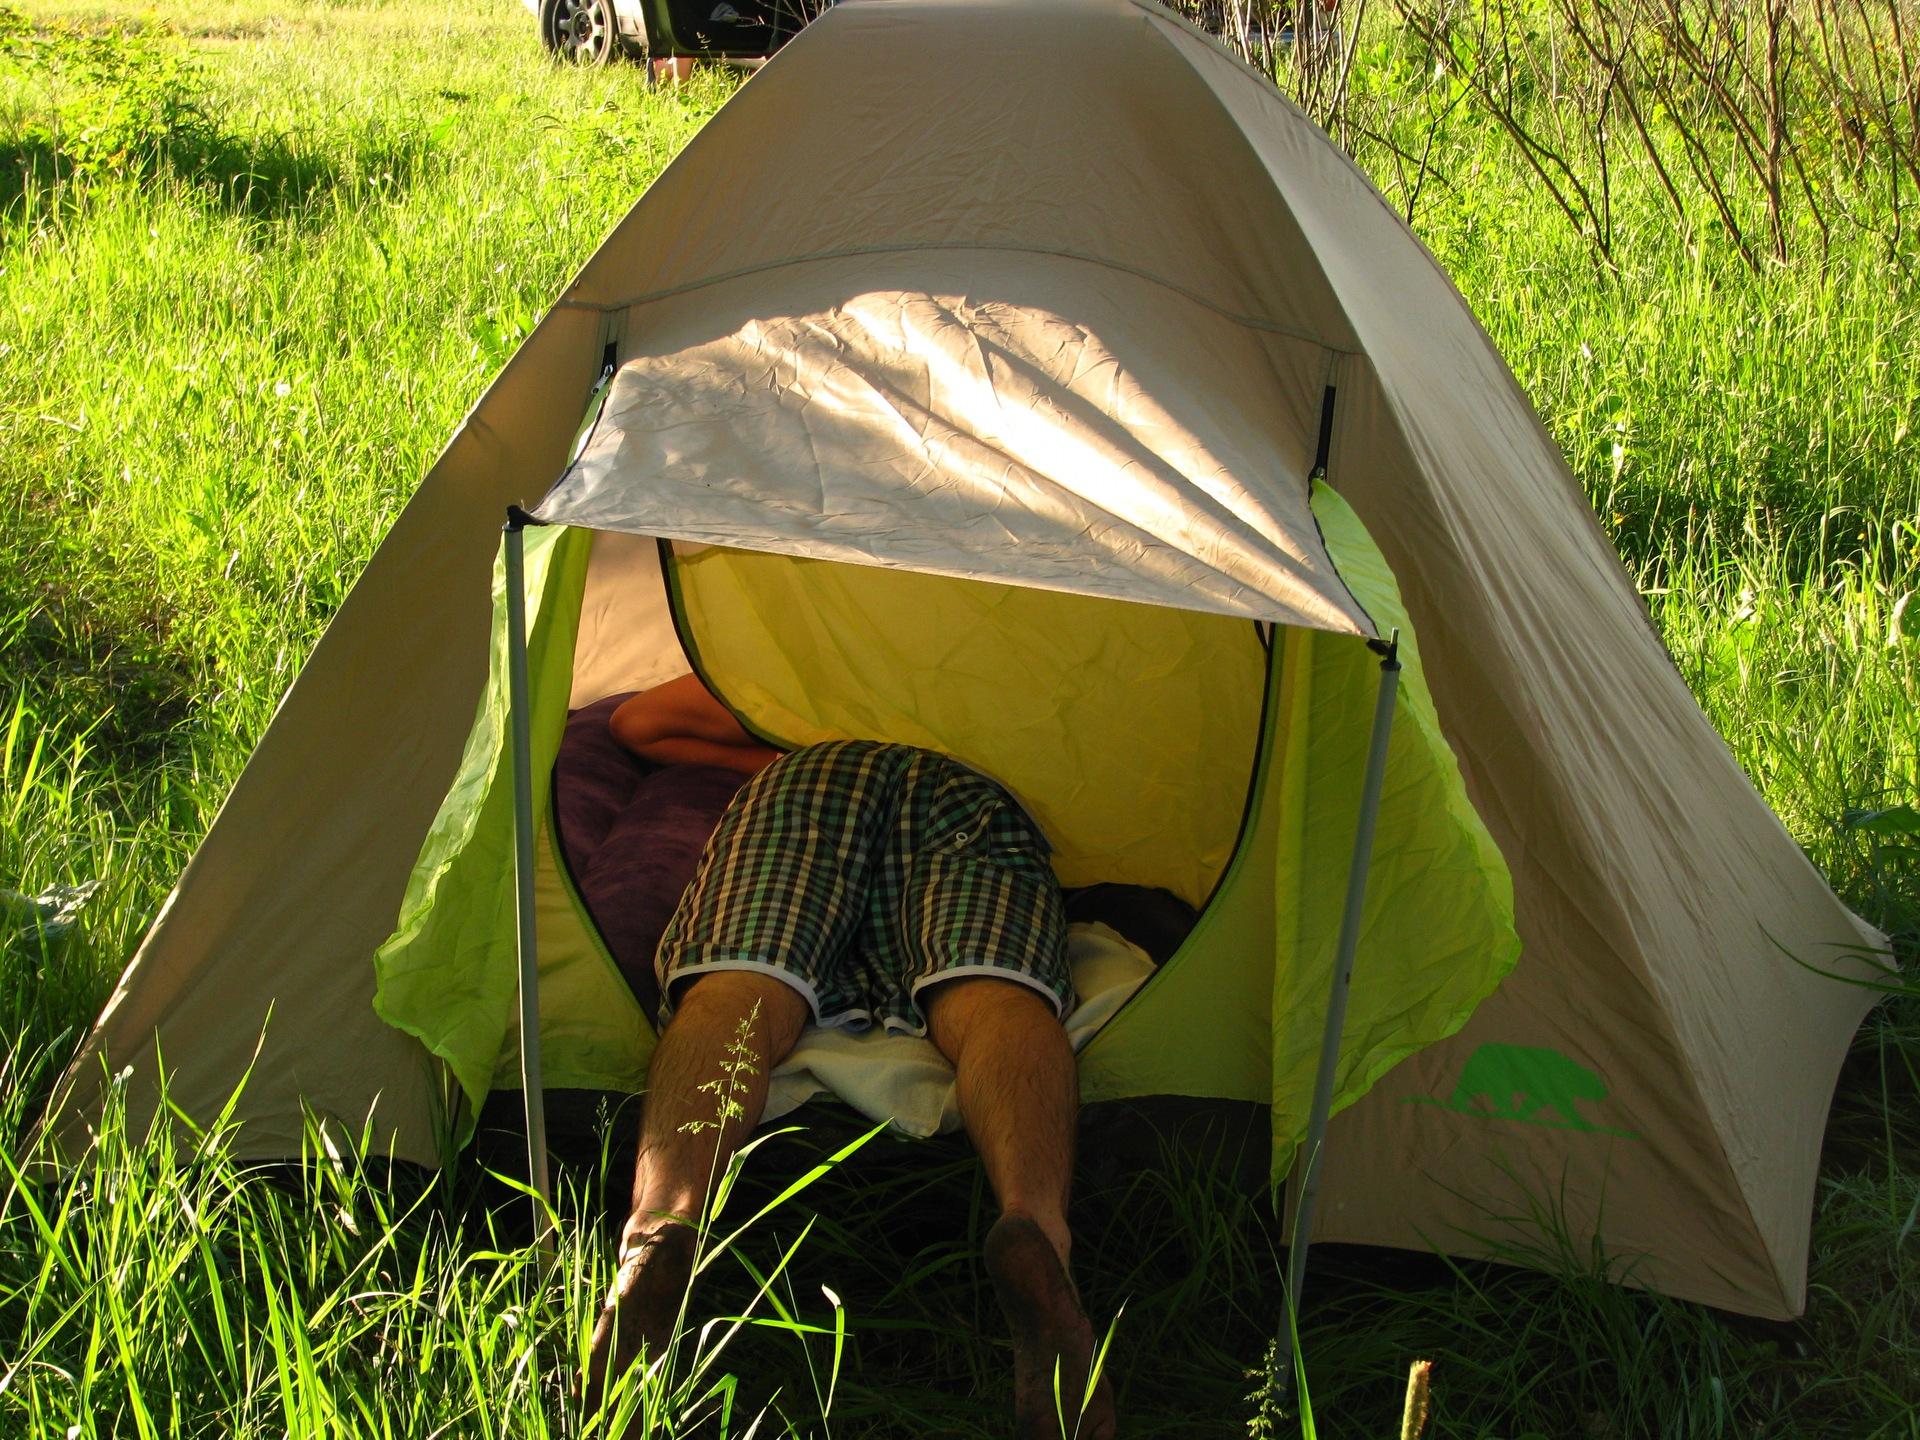 Пасхой презентации, прикольные картинки про палатку